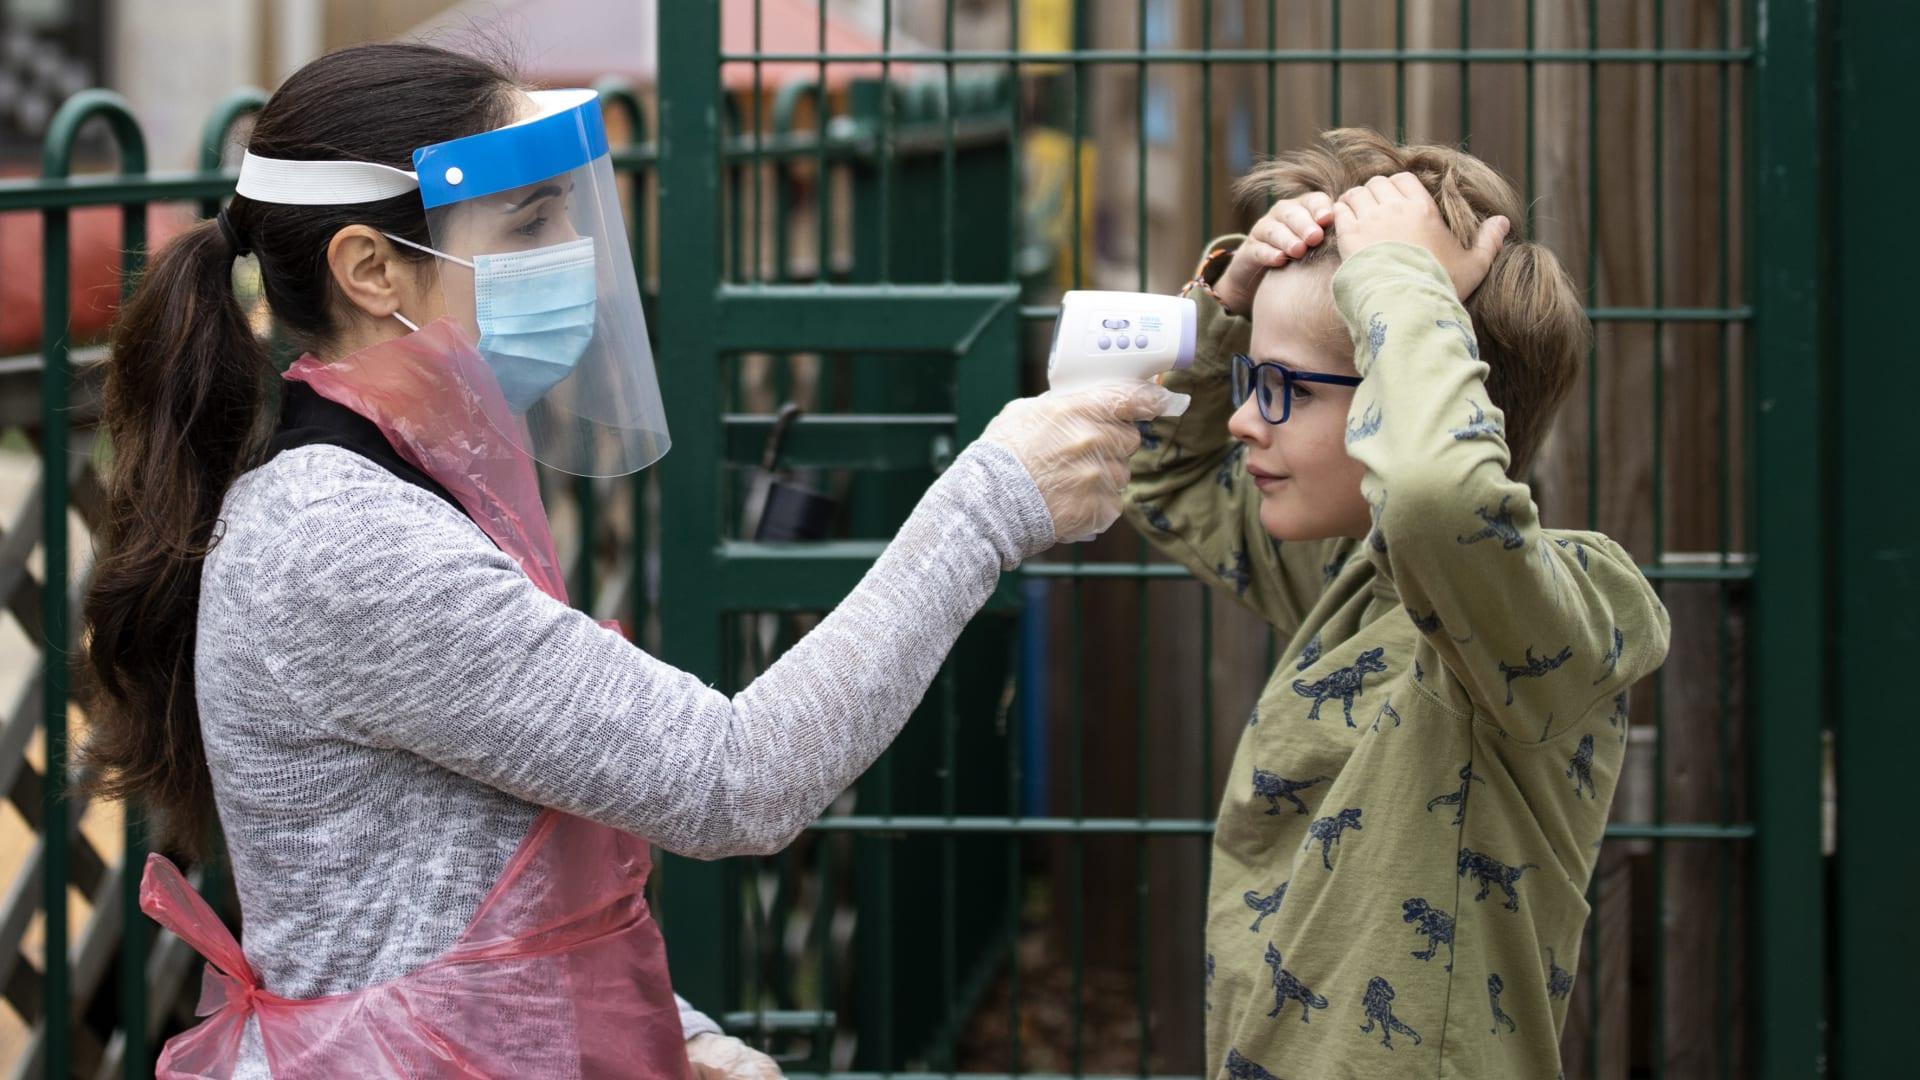 نصائح لمساعدة الأطفال في التكيف مع عودة الوضع الطبيعي بعد جائحة كورونا